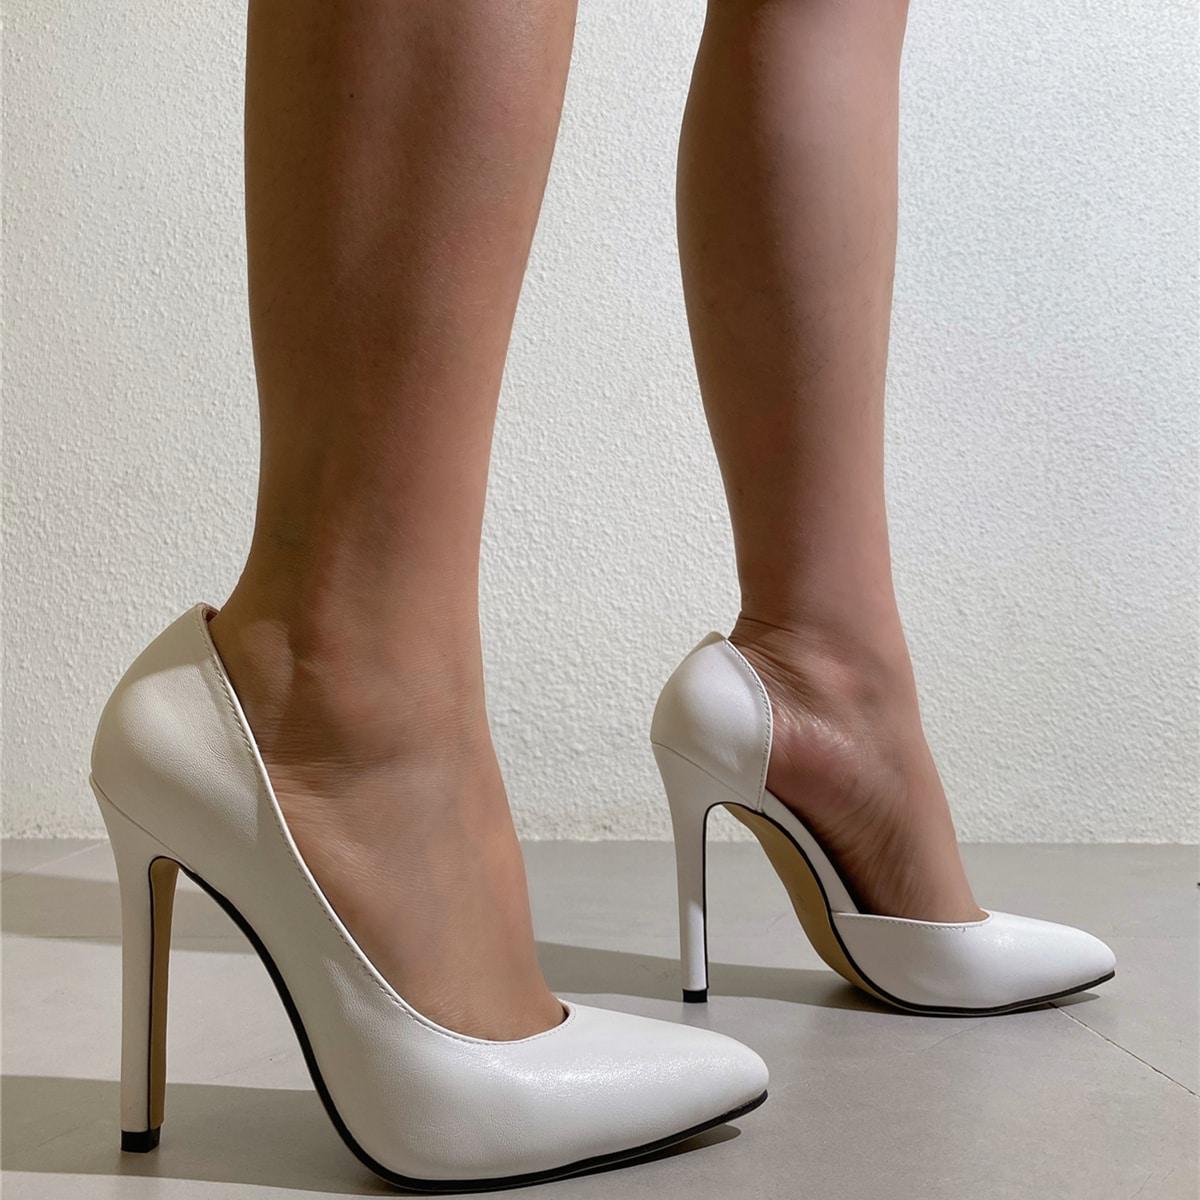 Минималистские туфли-лодочки на шпильках